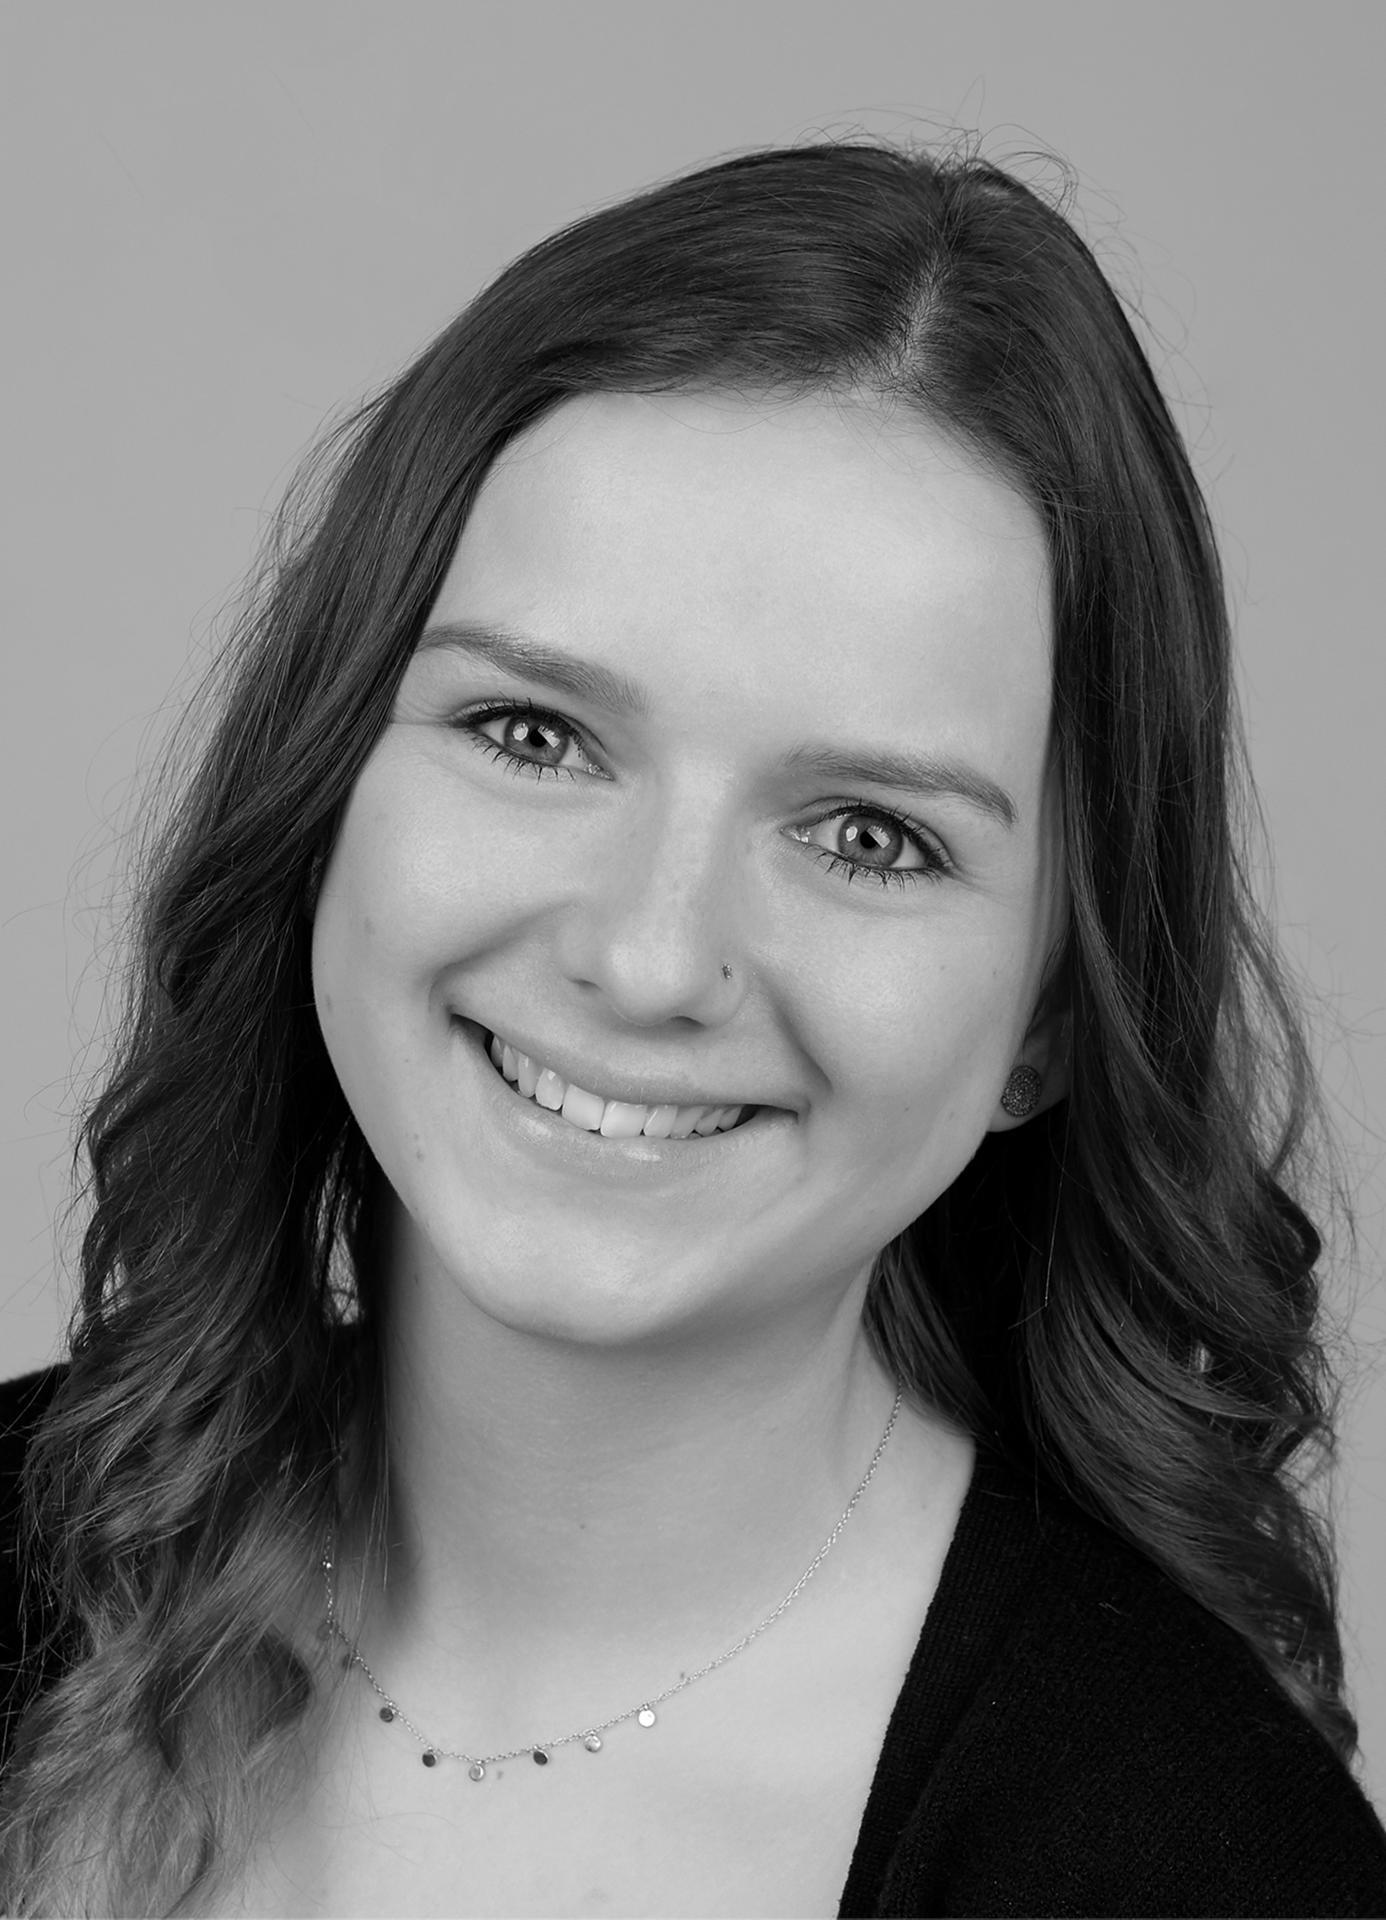 Anna-Lena Floß